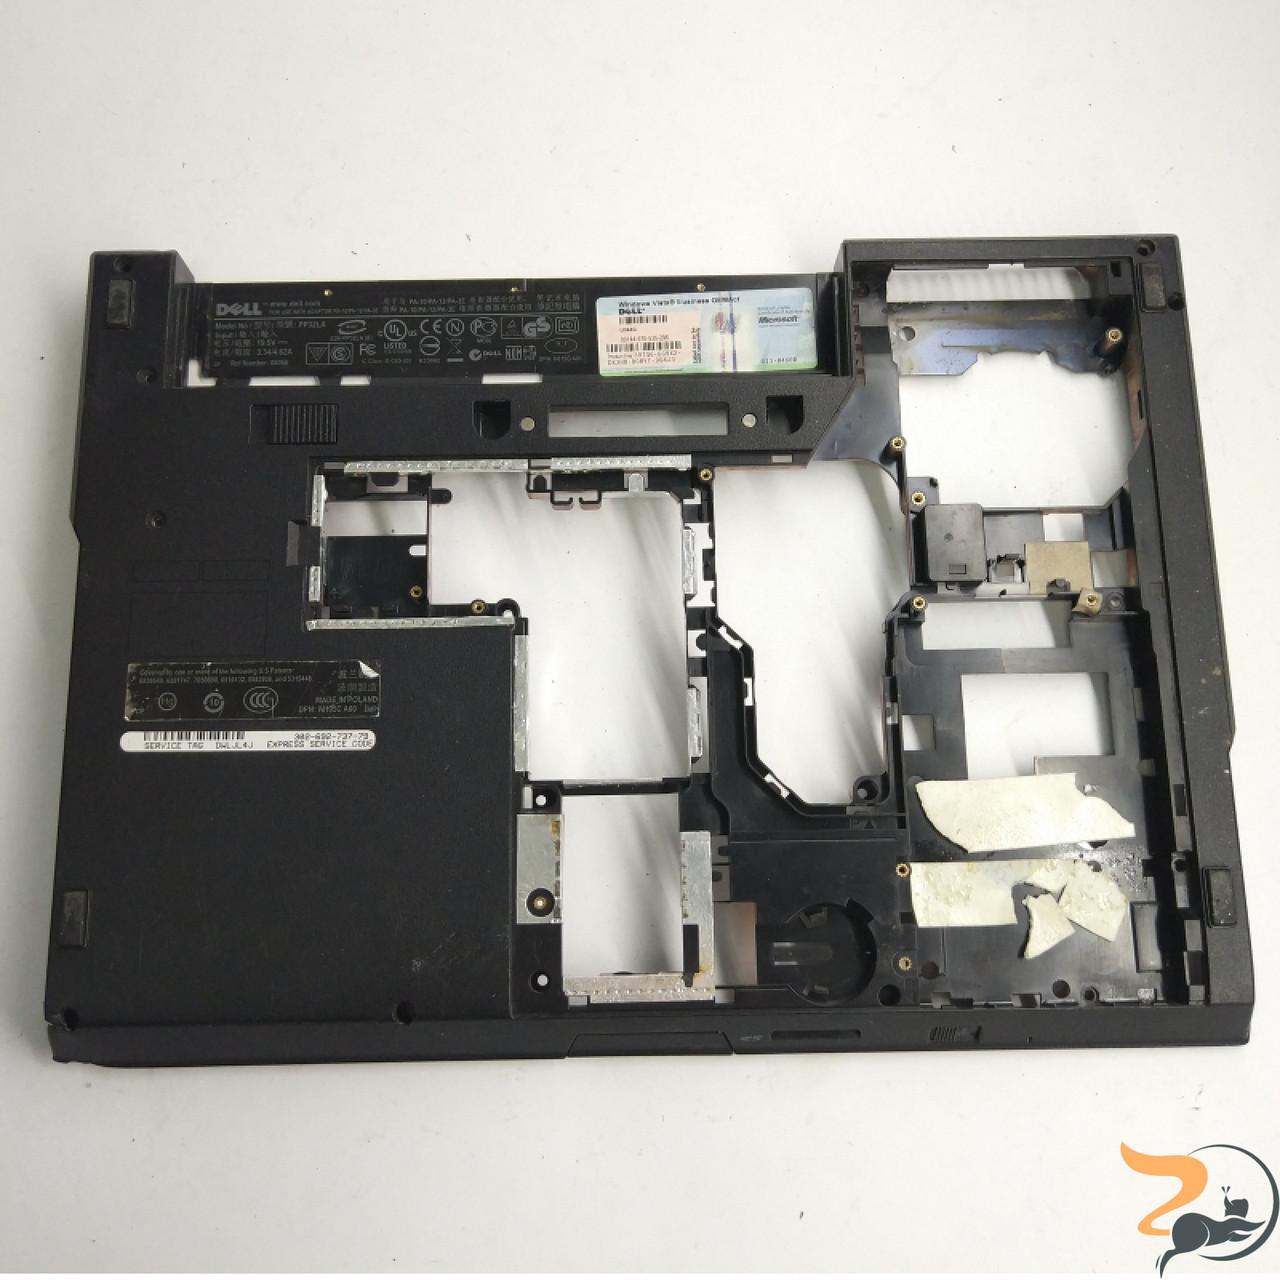 Нижня частина корпусу для ноутбука Dell Latitude E5400, 60.4X715.016.